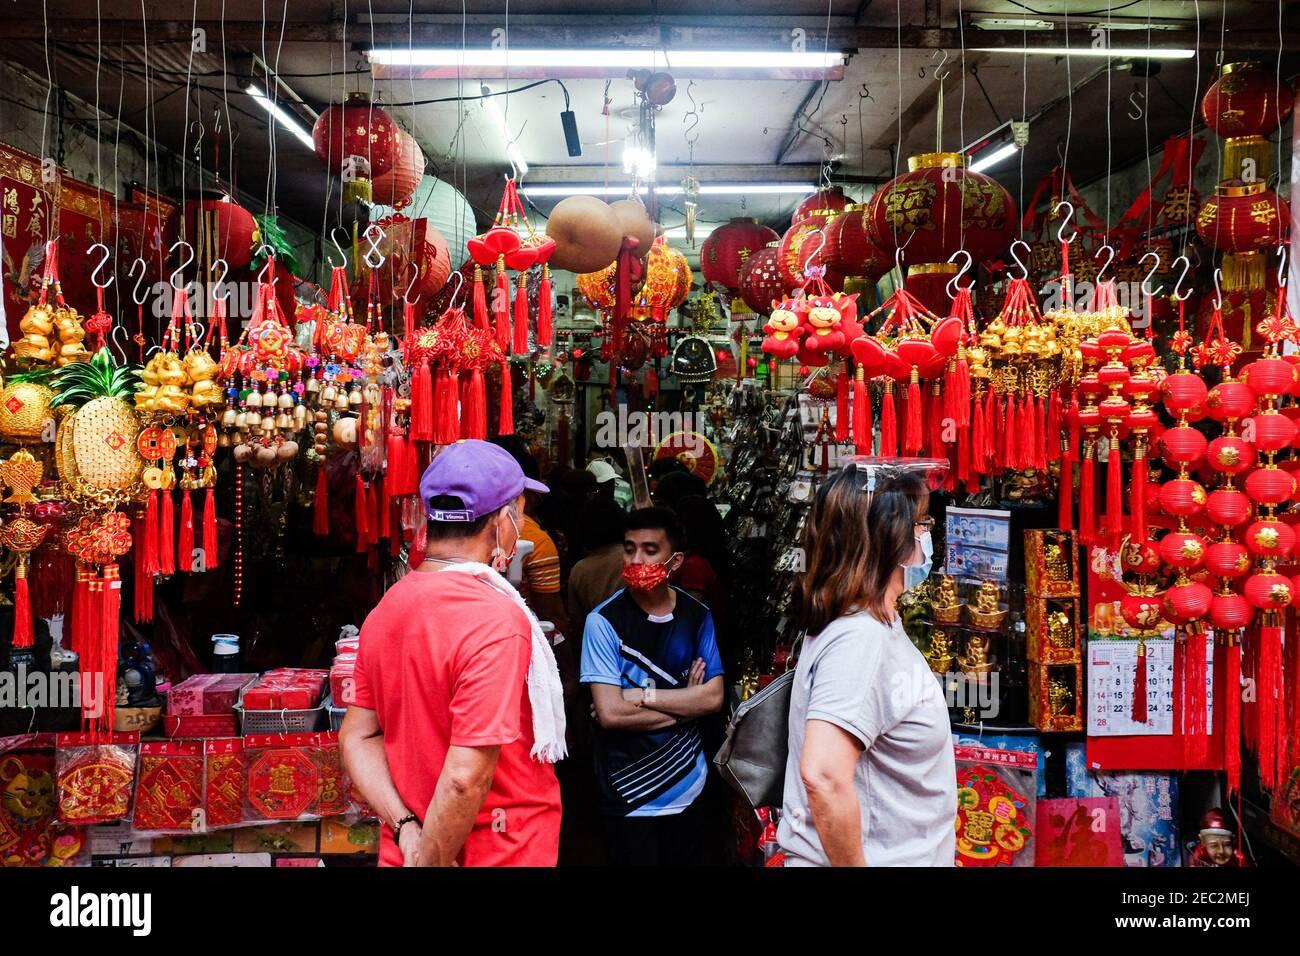 Ongpin St., Binondo, Manila, Filipinas. 13 de febrero de 2021. La gente que busca encantos afortunados para comprar en Ongpin St., Binondo, durante el año Nuevo Chino. Binondo es conocido como el barrio chino más antiguo del mundo, la mayoría de las celebraciones como bailes de dragón y león fueron canceladas debido a la pandemia. Crédito: Mayoría Mundial CIC/Alamy Live News Foto de stock